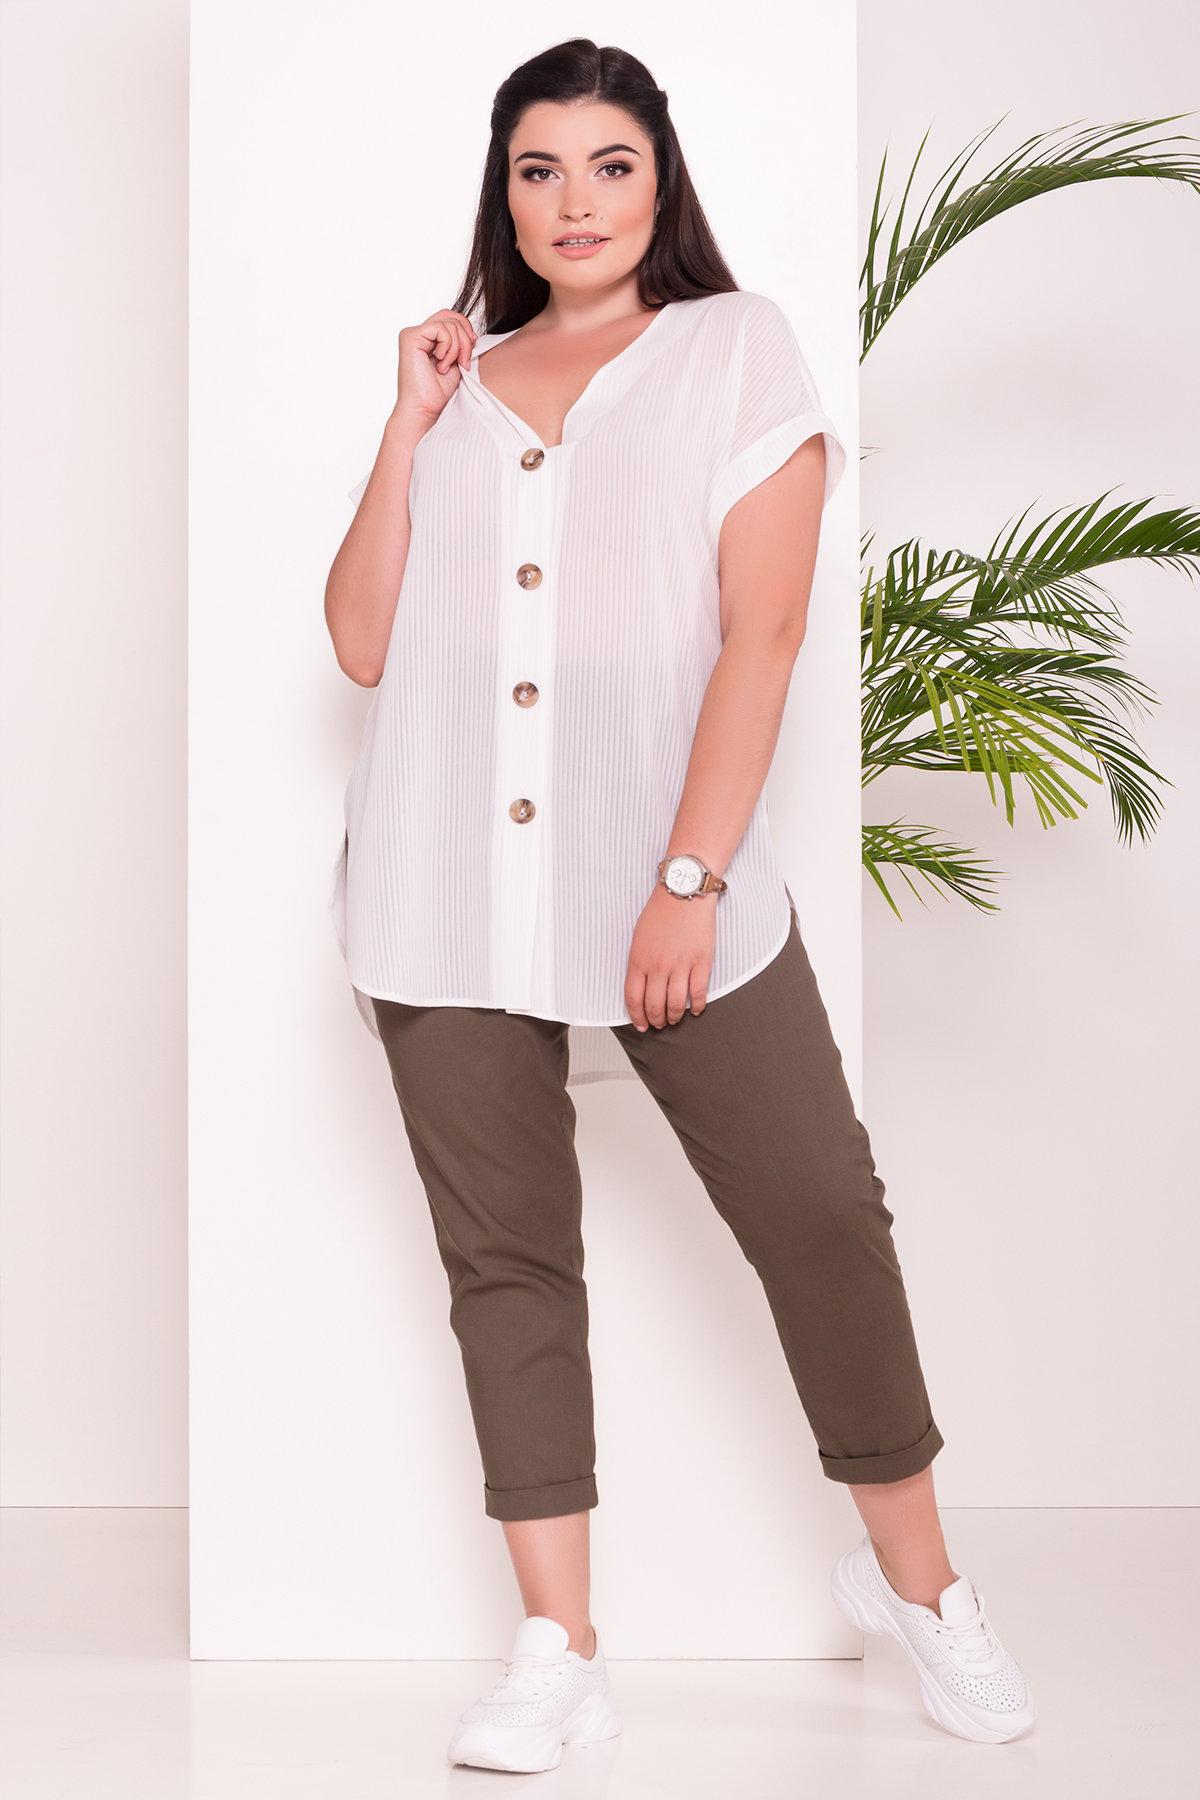 Блуза свободного кроя Алла DОNNA 7470 АРТ. 43286 Цвет: Полоска/молоко - фото 2, интернет магазин tm-modus.ru